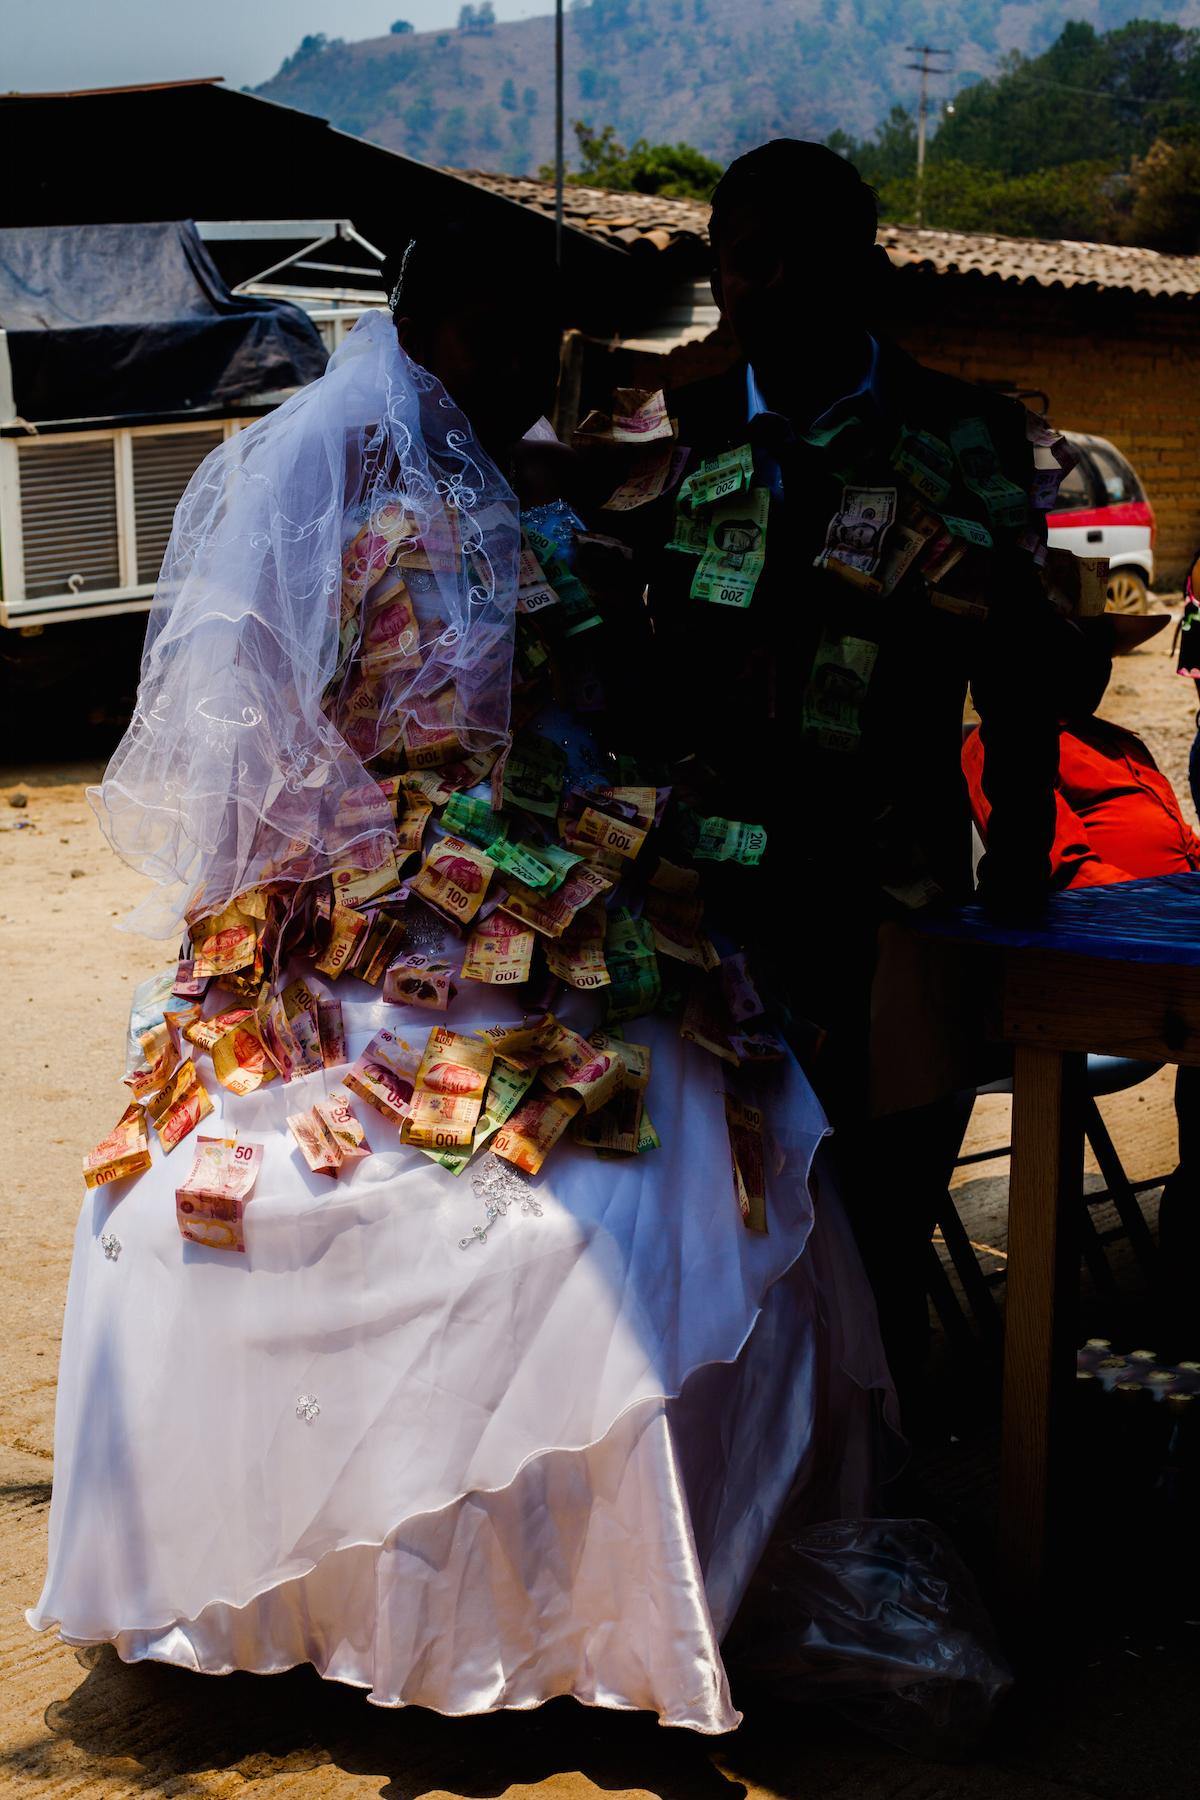 bodas arregladas novios página 3